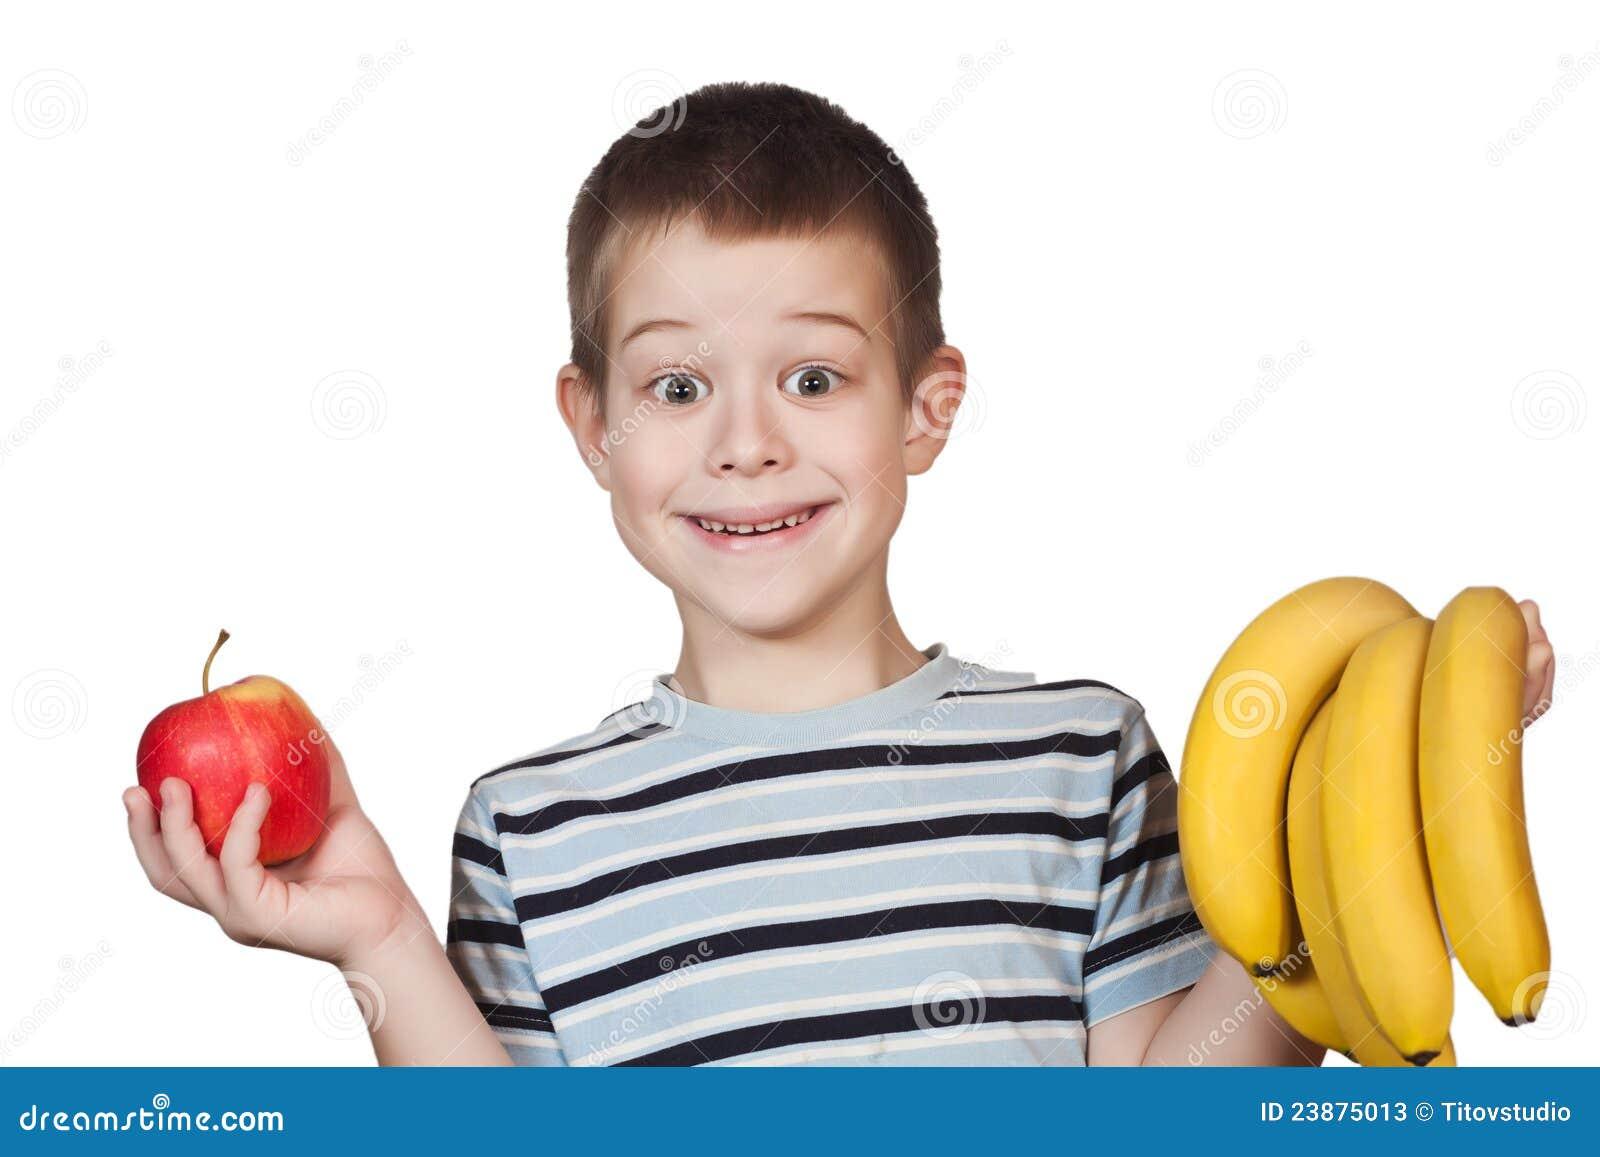 Little Boy holding fruit